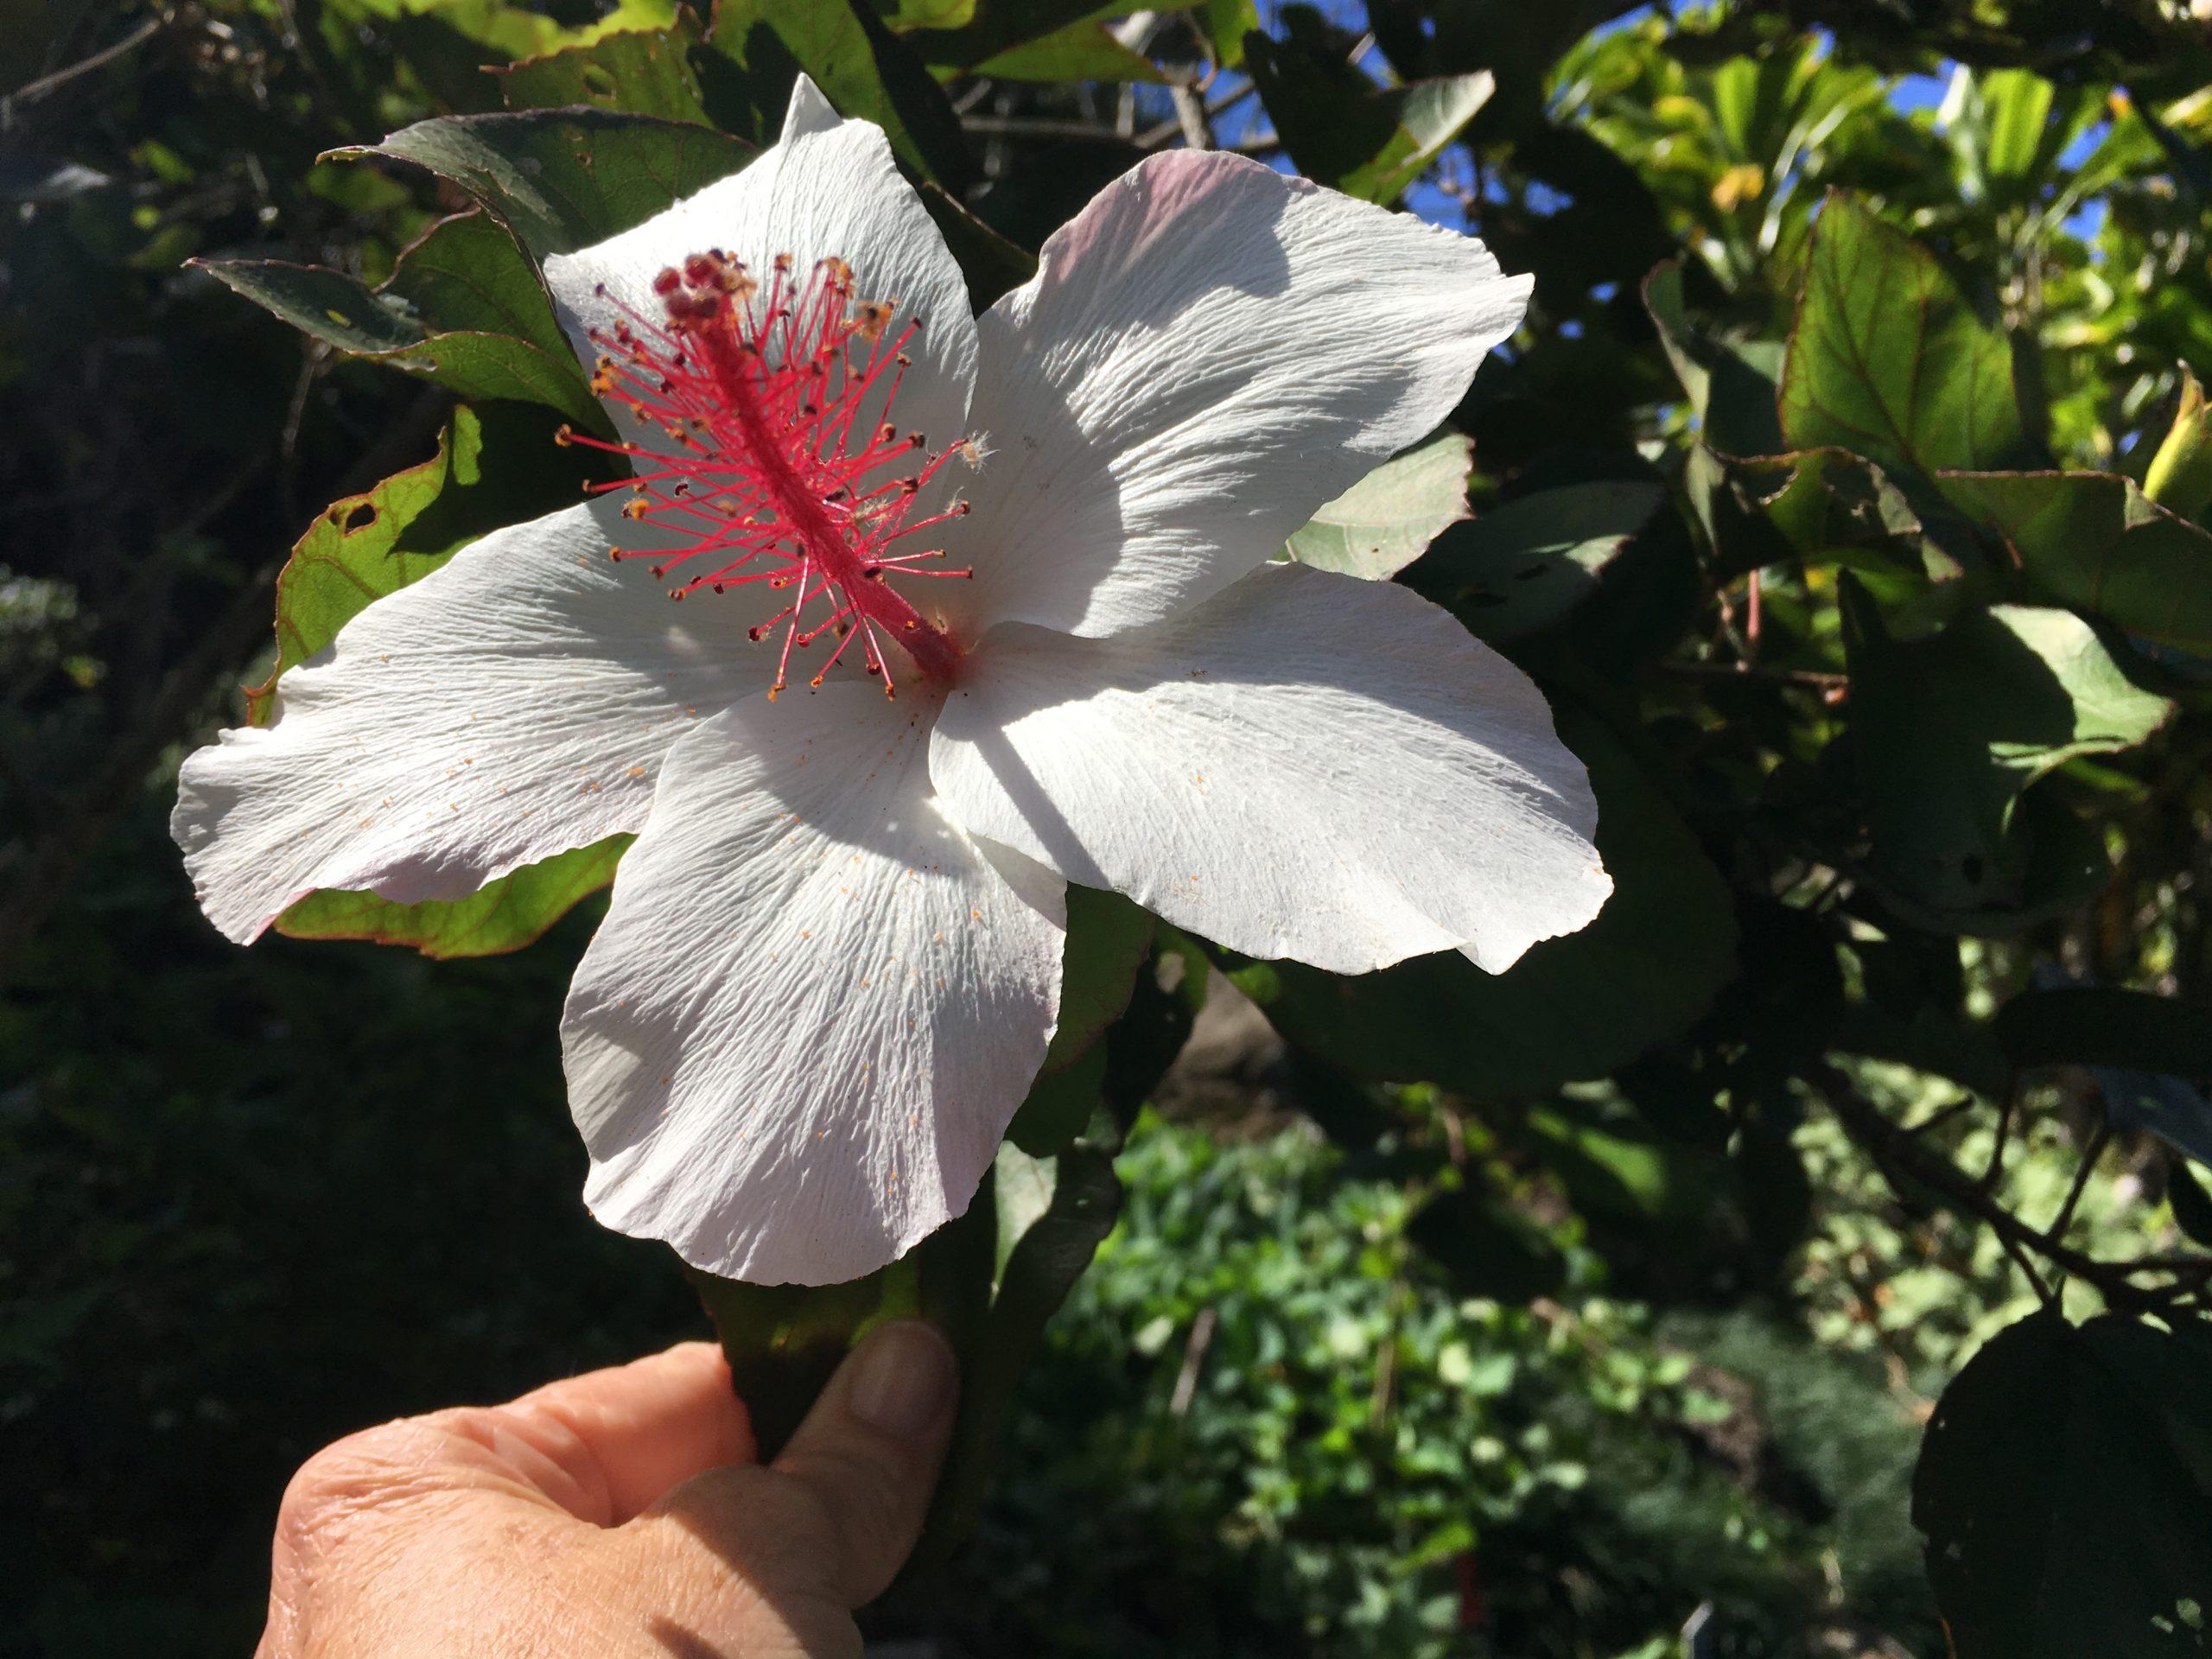 Hibiscus arnottianus, Hawaiian white hibiscus, Koki'o ke'oke'o.